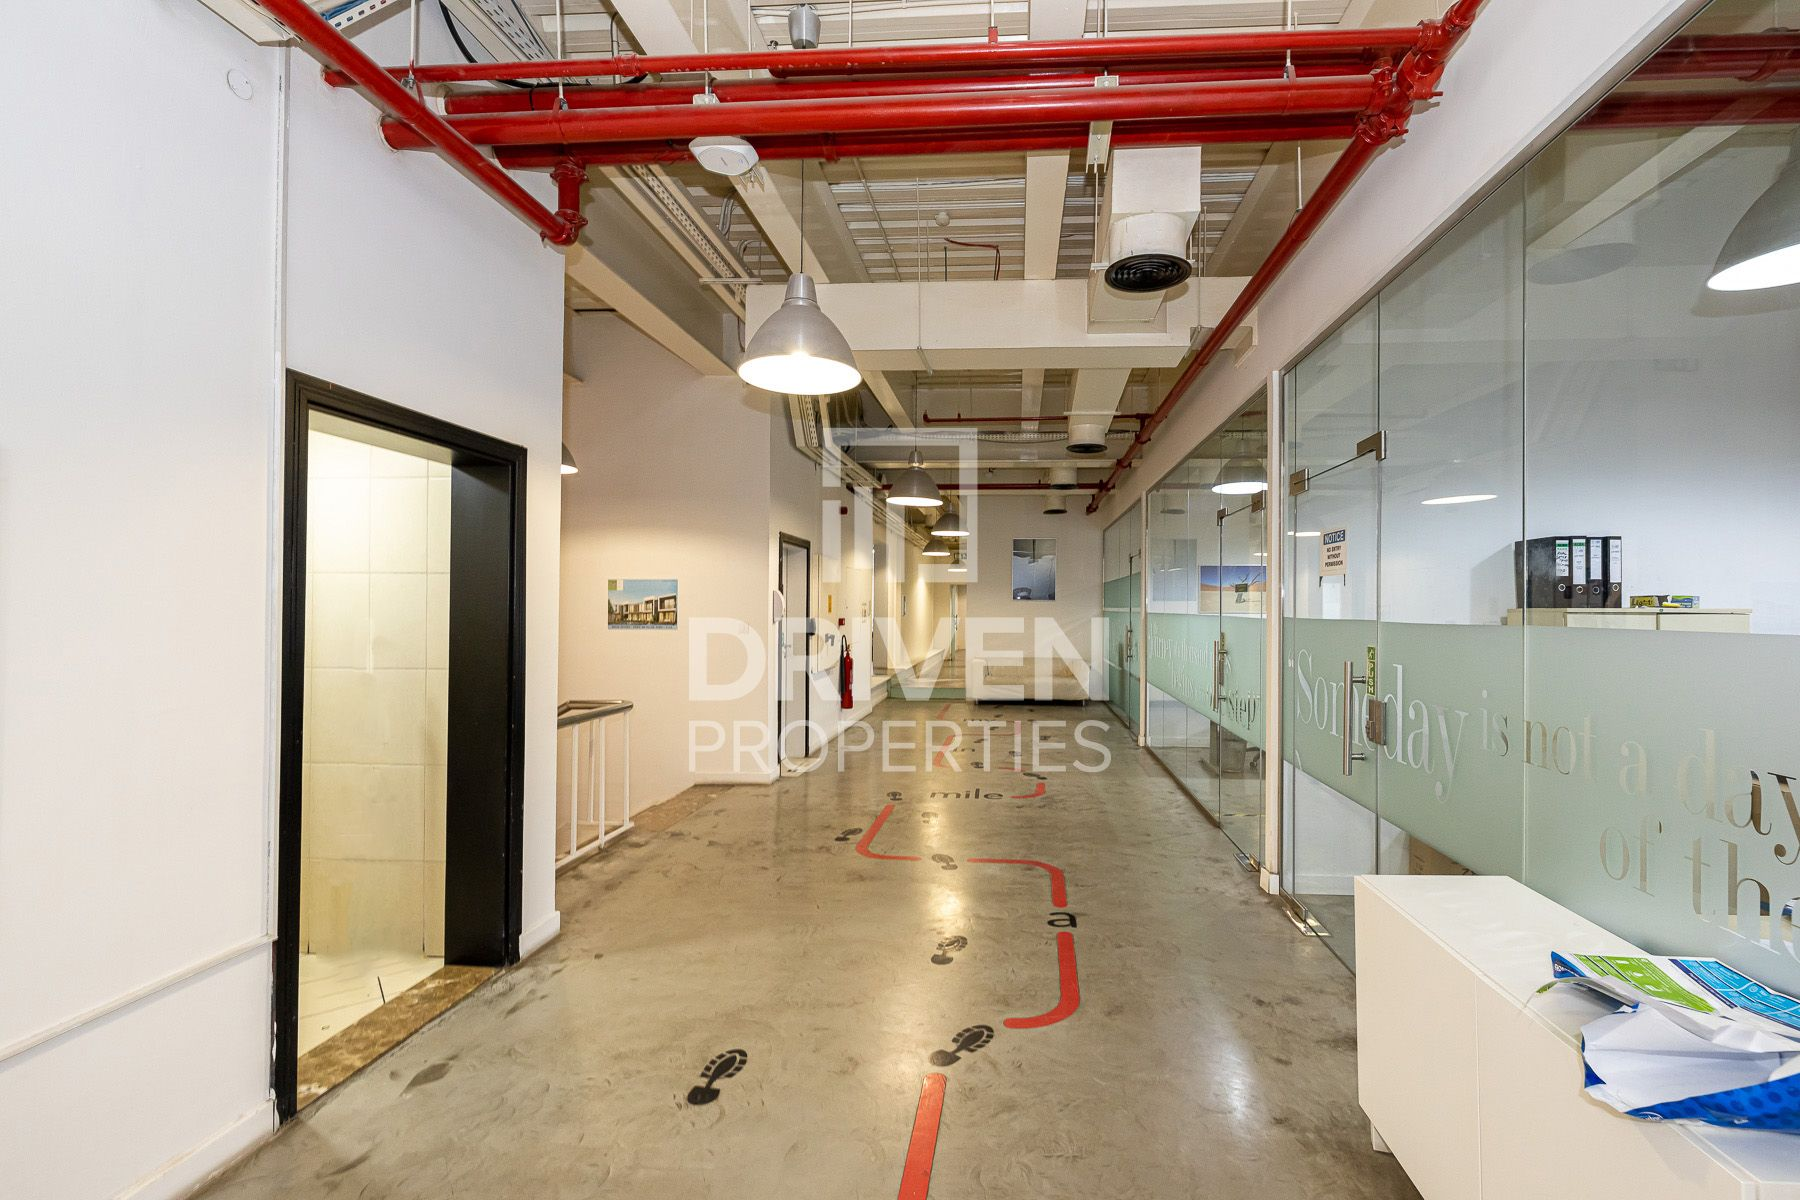 للايجار - مستودع - المرحلة 1 - مجمع دبي للإستثمار